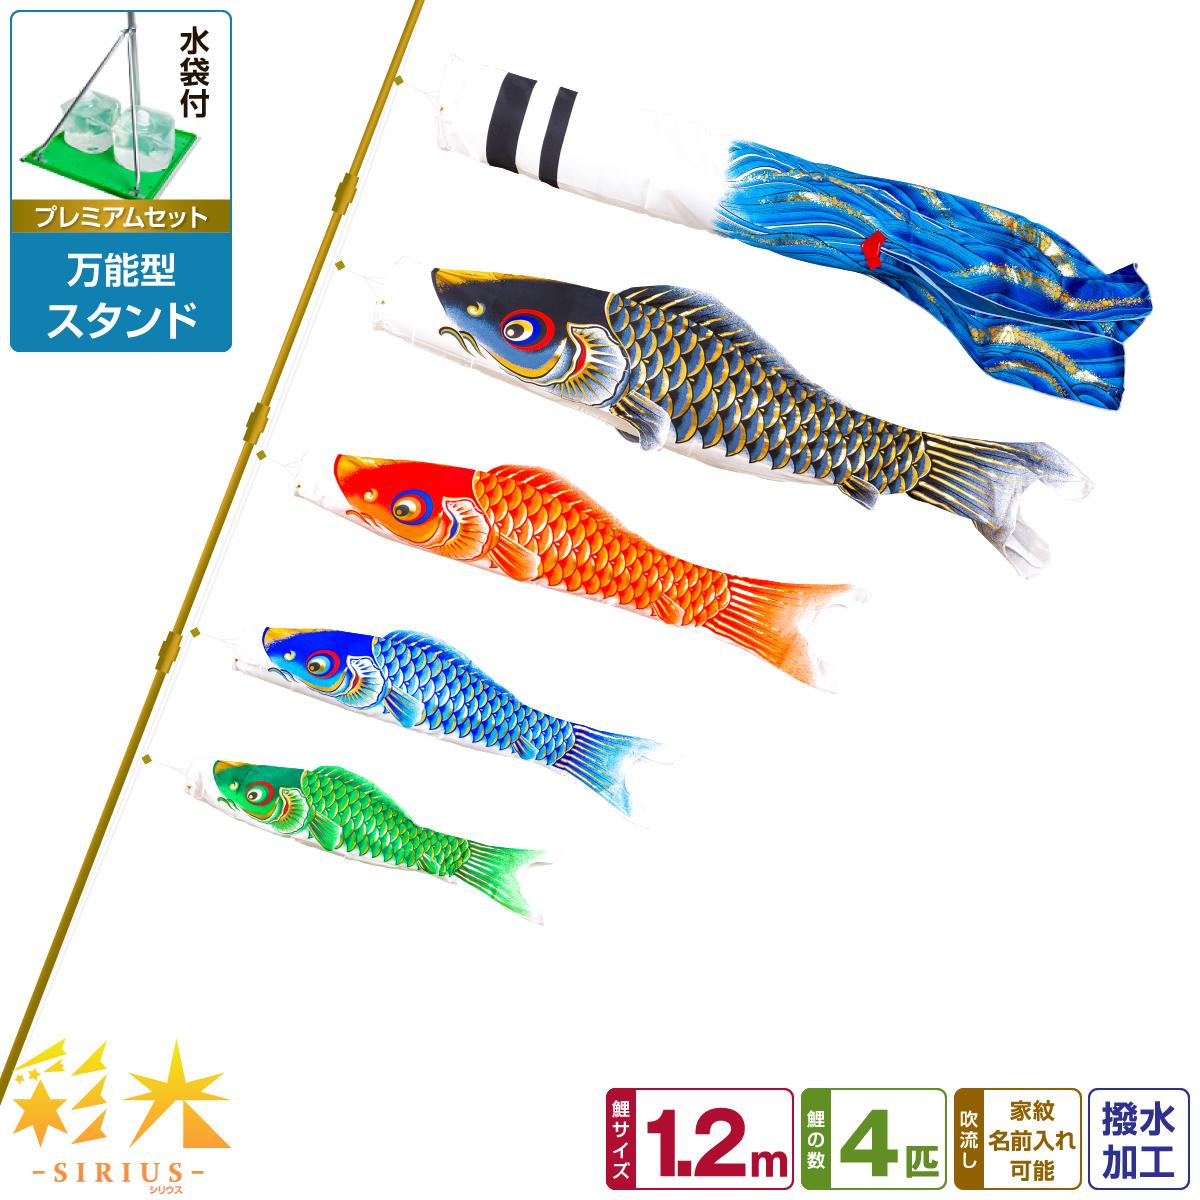 ベランダ用 こいのぼり 鯉のぼり SIRIUS/彩光鯉 1.2m 7点(吹流し+鯉4匹+矢車+ロープ)/プレミアムセット(万能スタンド)